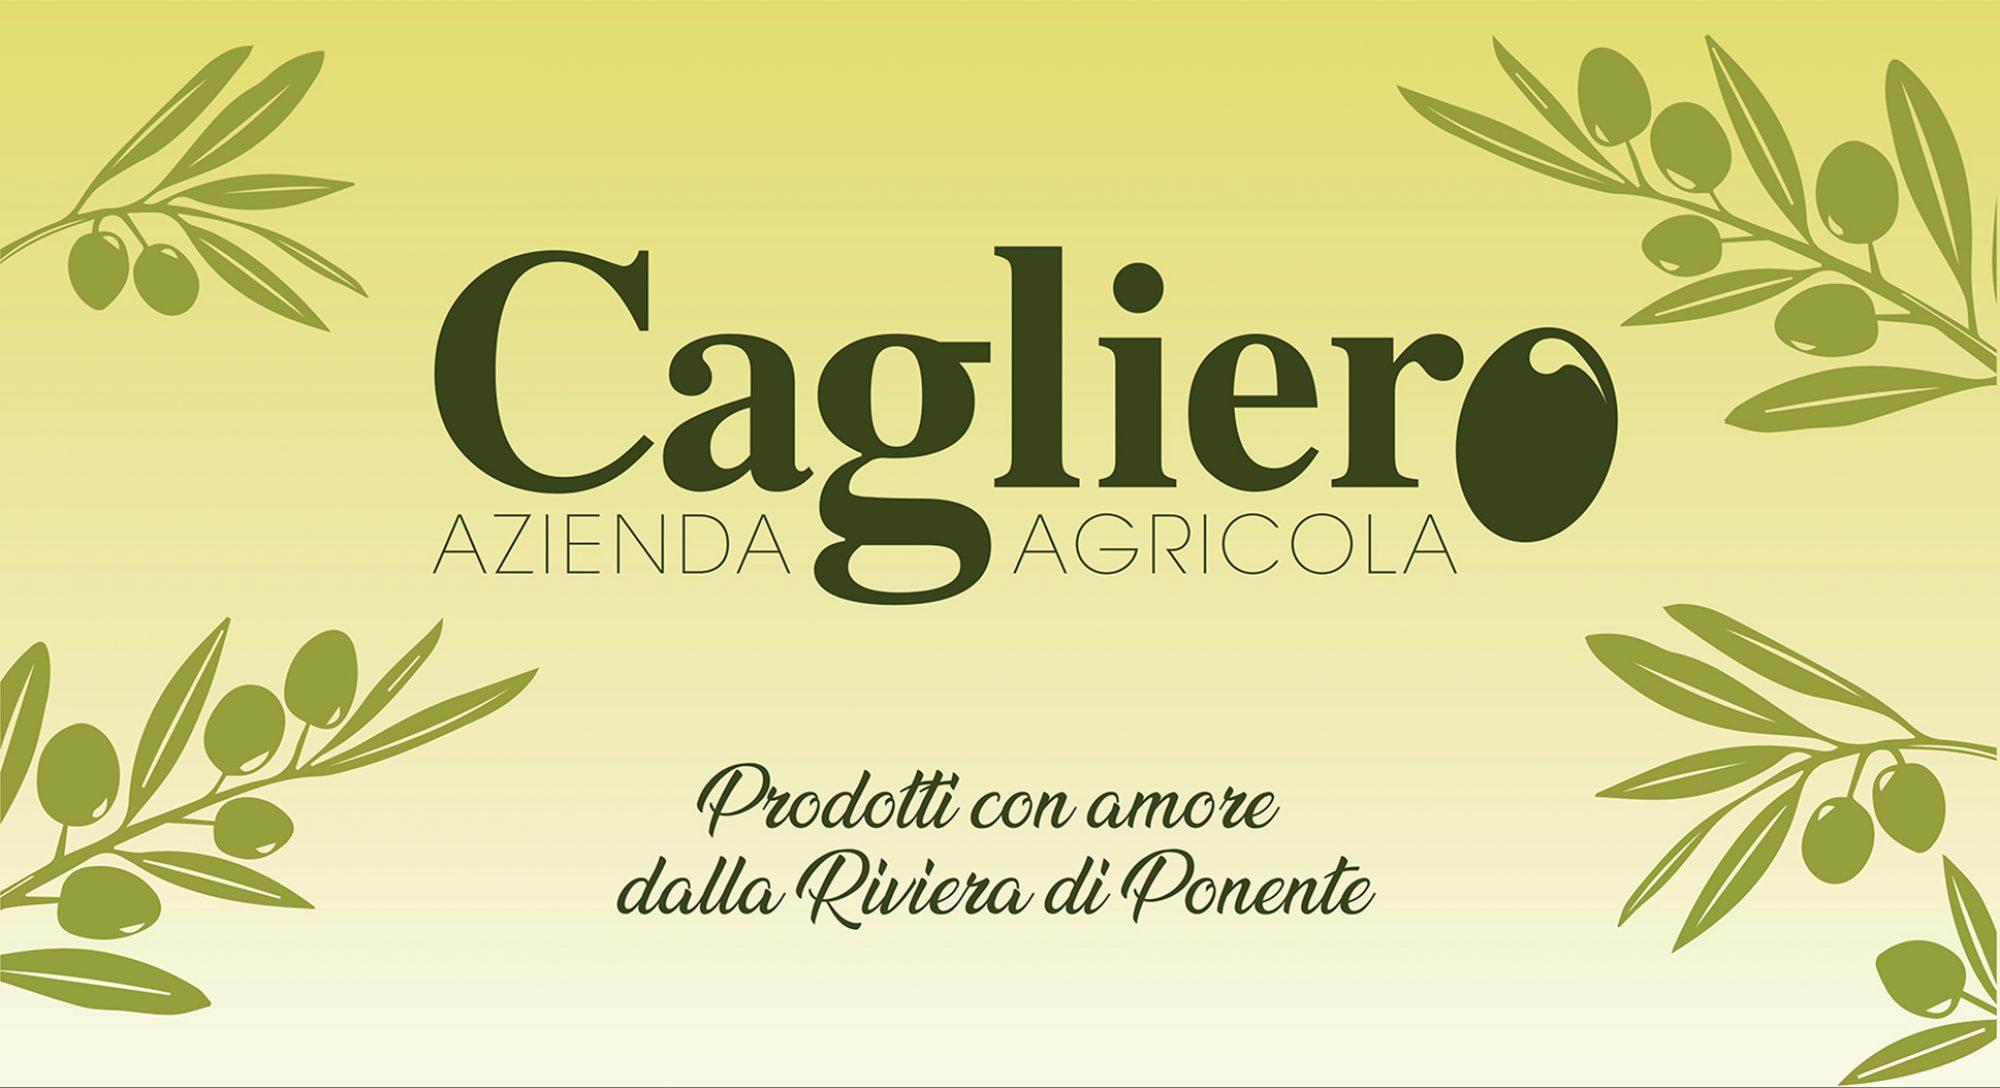 Azienda Agricola Cagliero